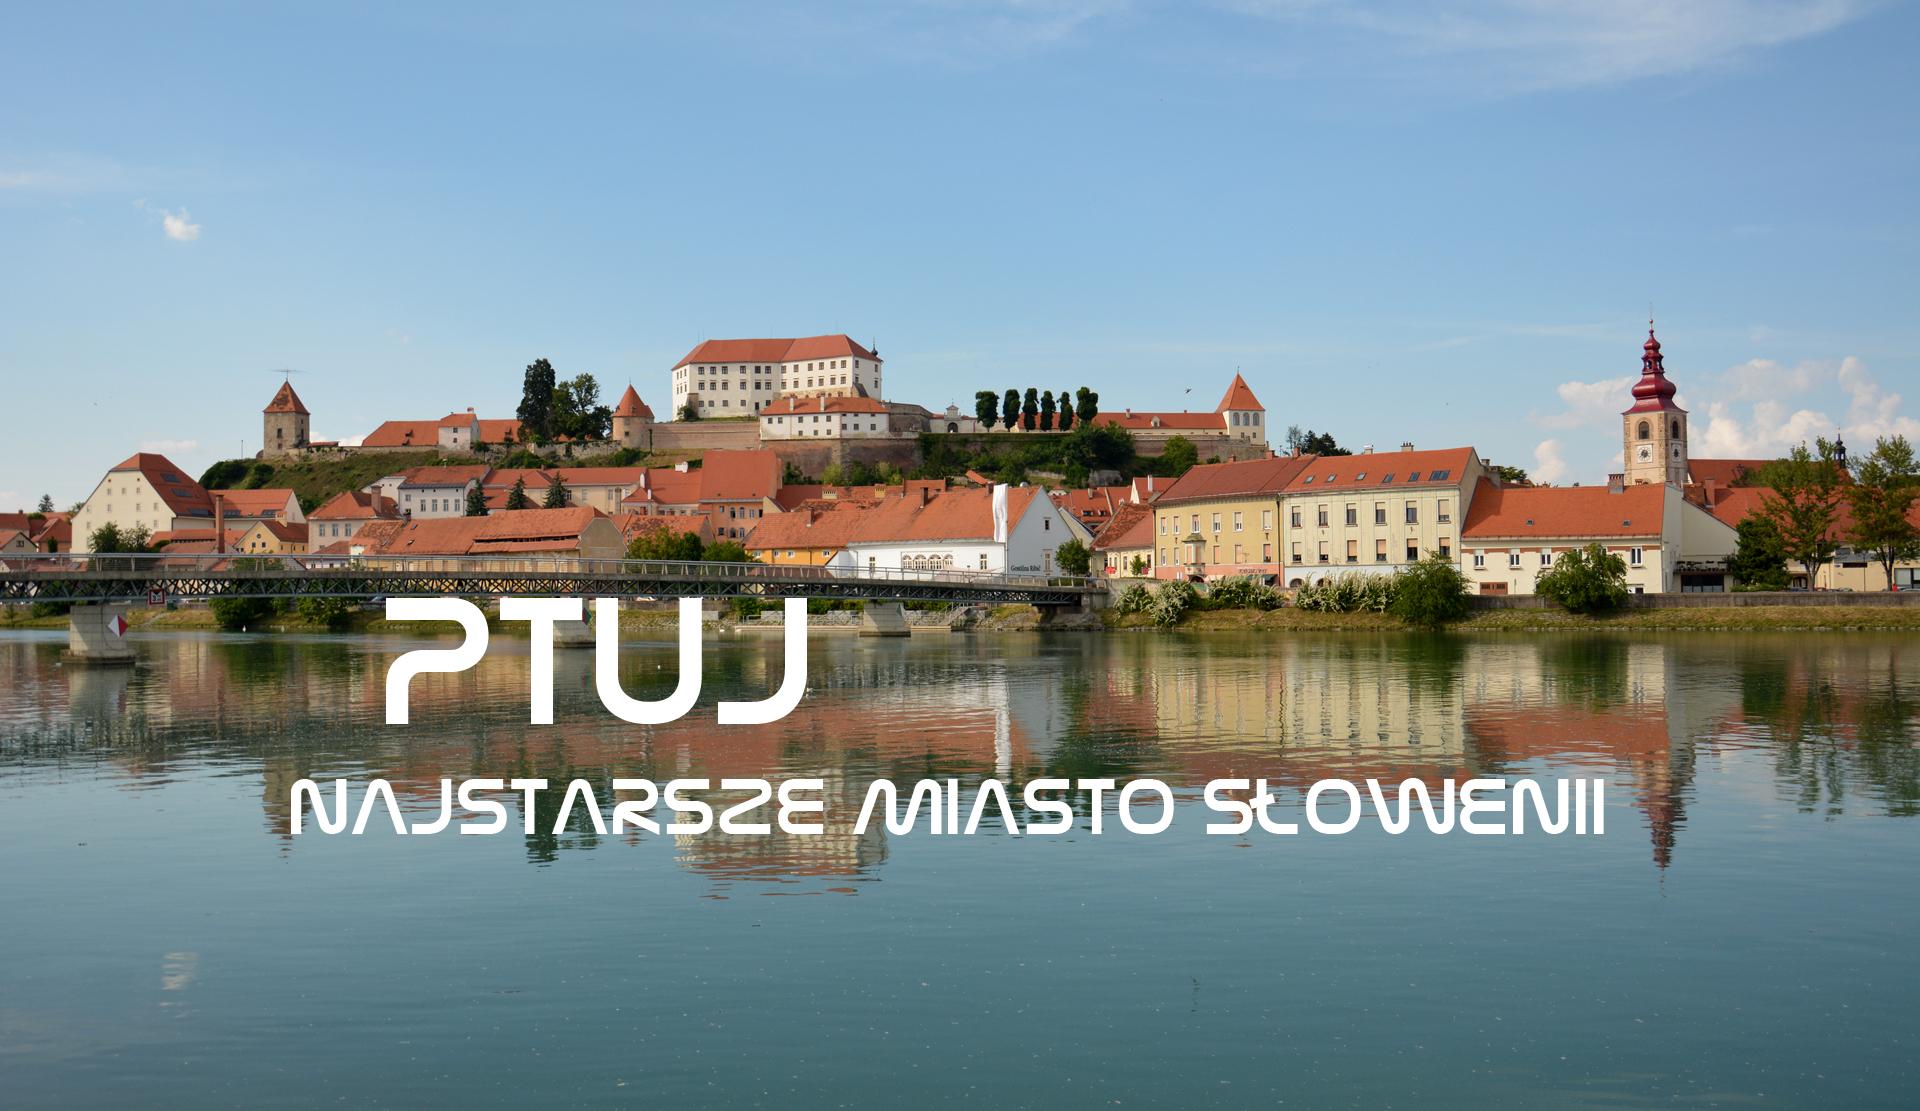 Ptuj – najstarsze miasto Słowenii